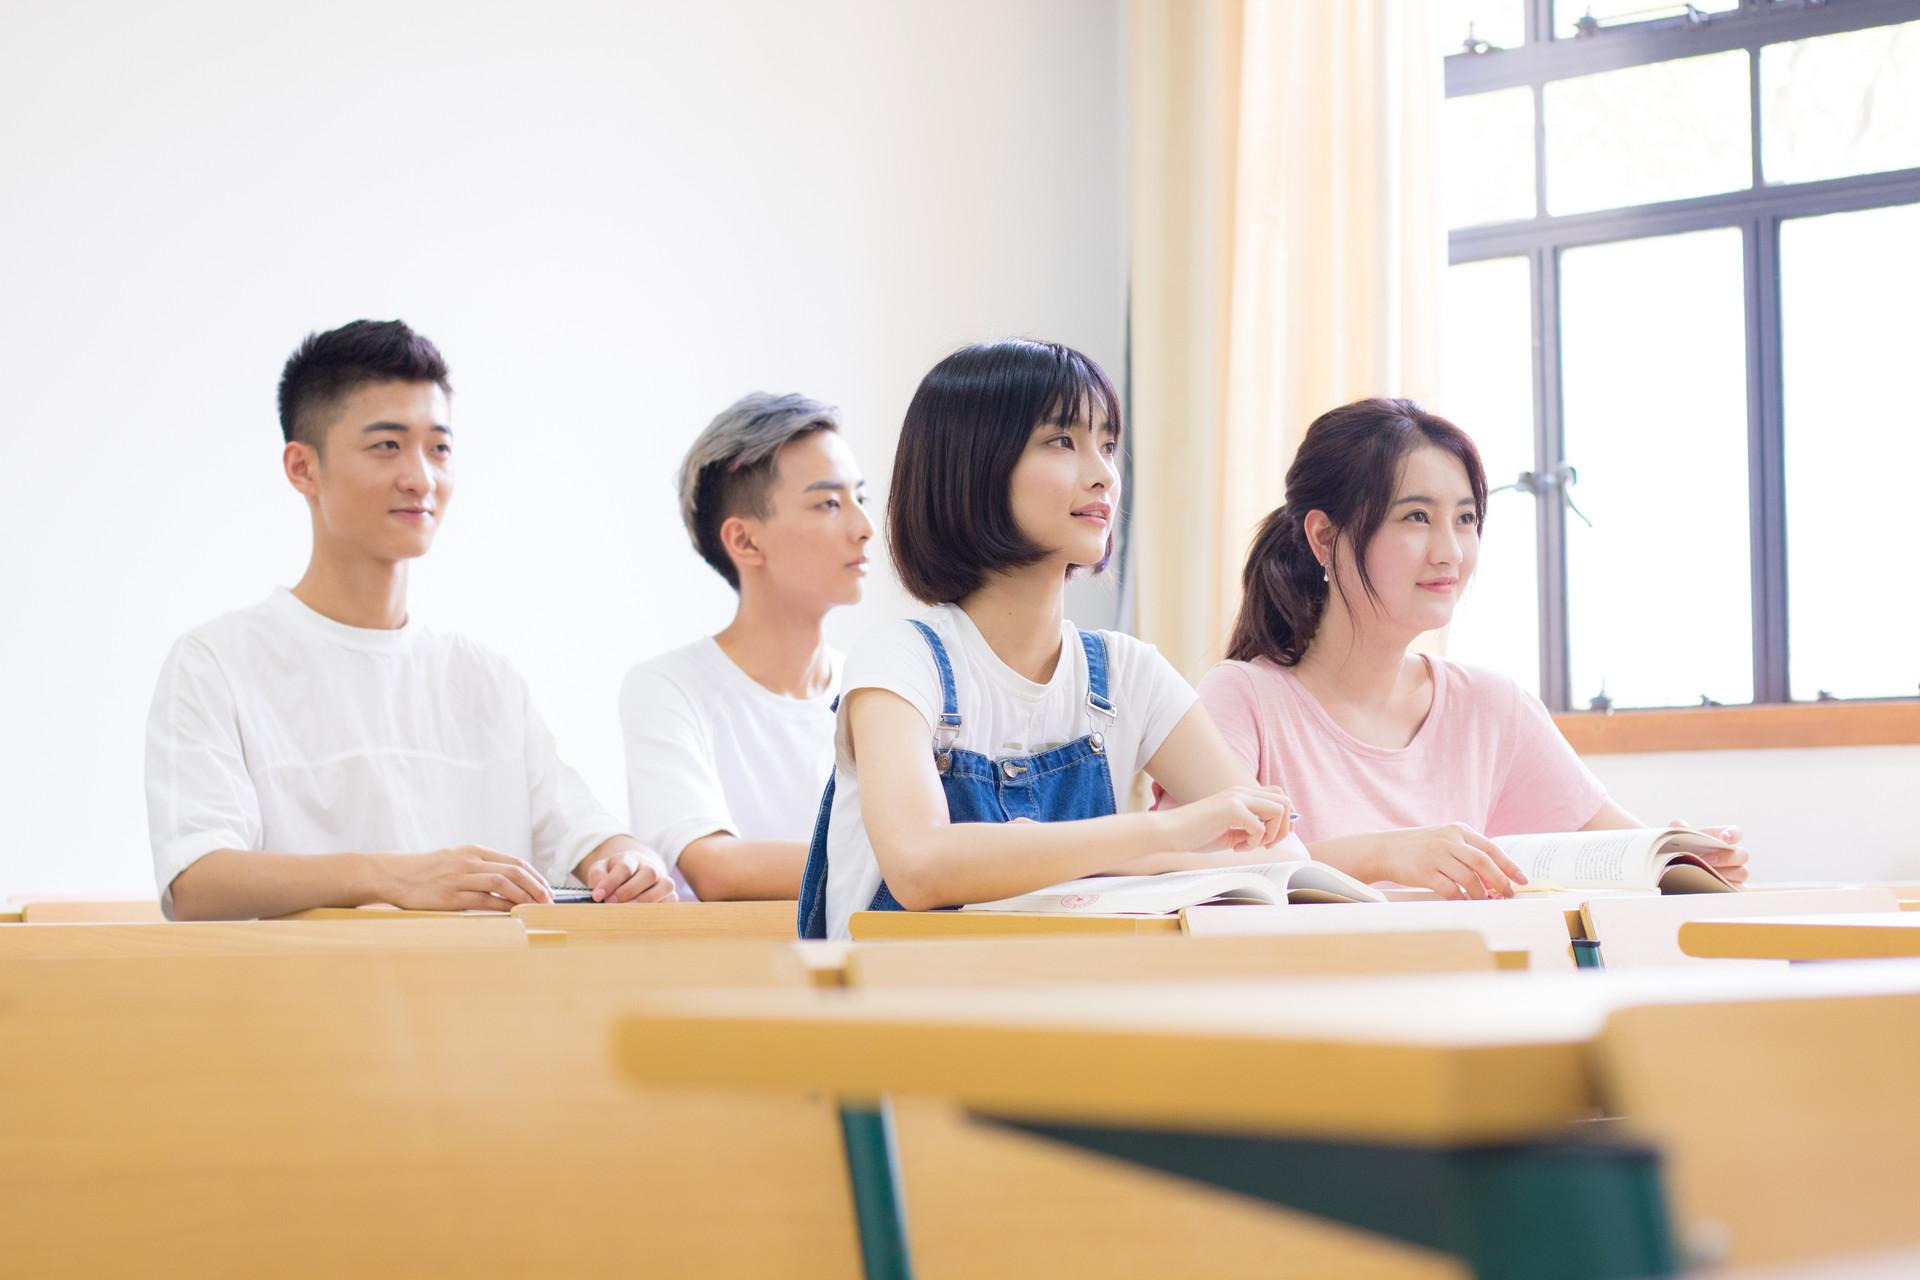 唐山路南区生活英语口语培训班